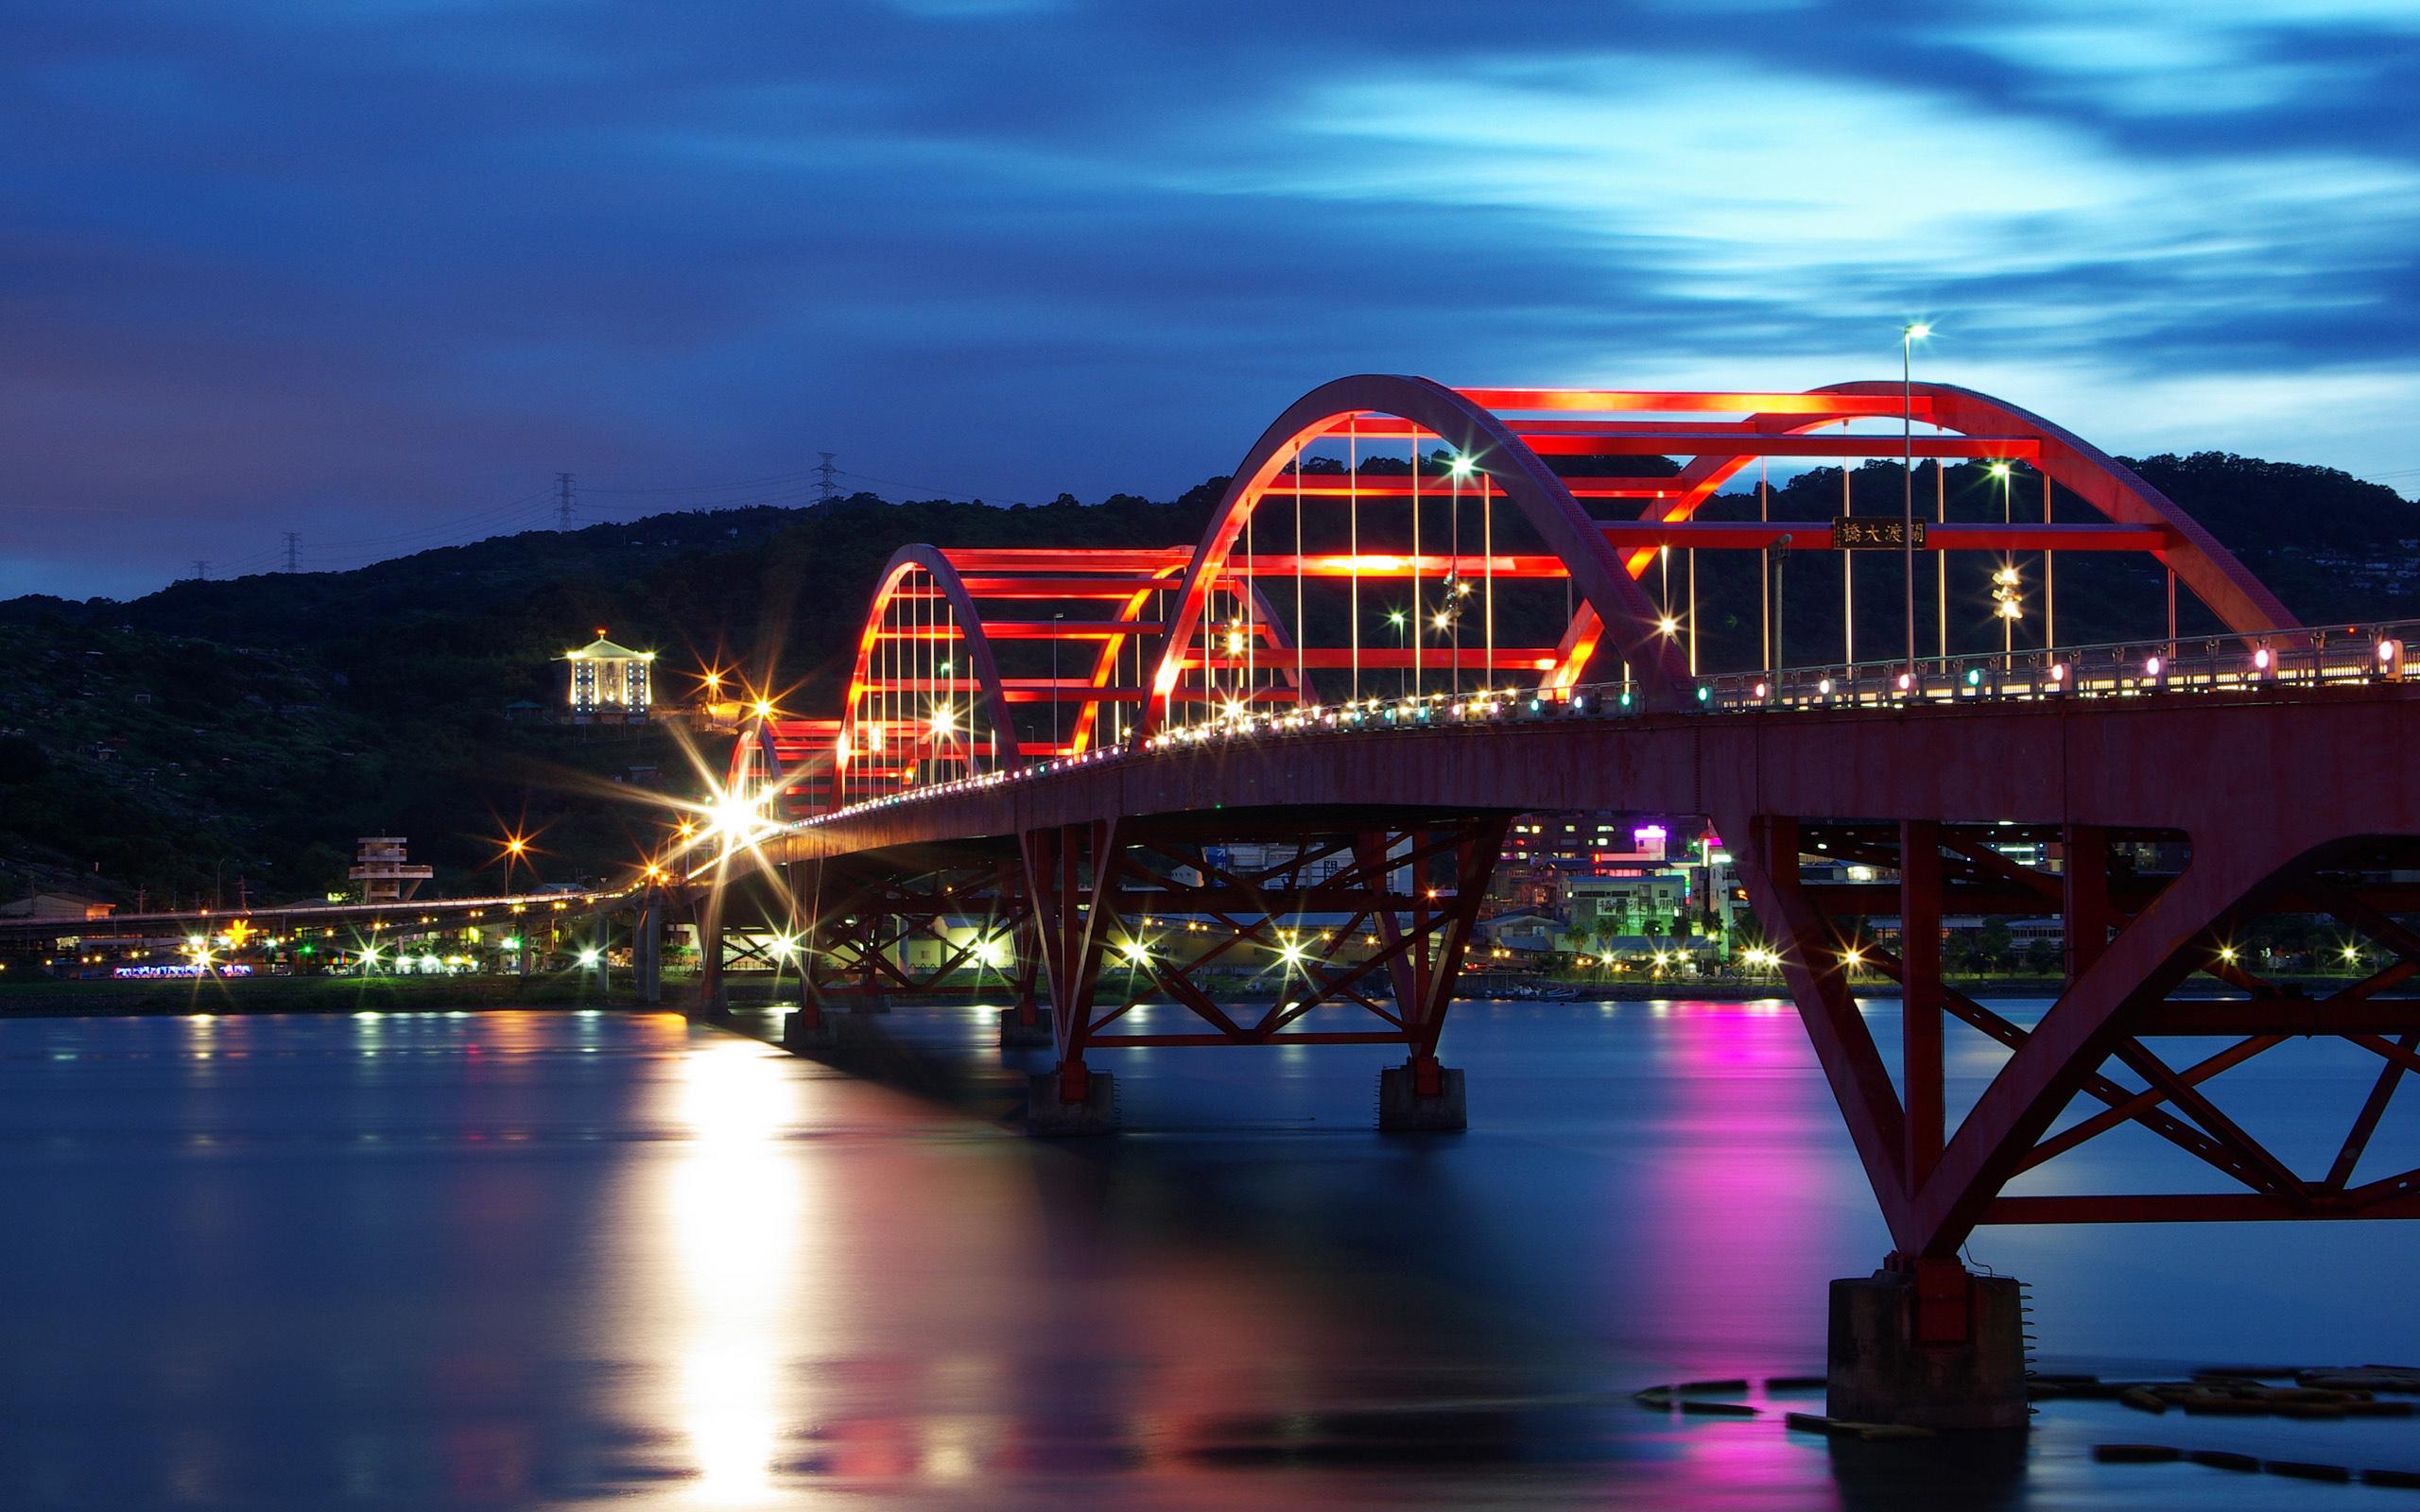 Guandu Bridge Taiwan wallpaper